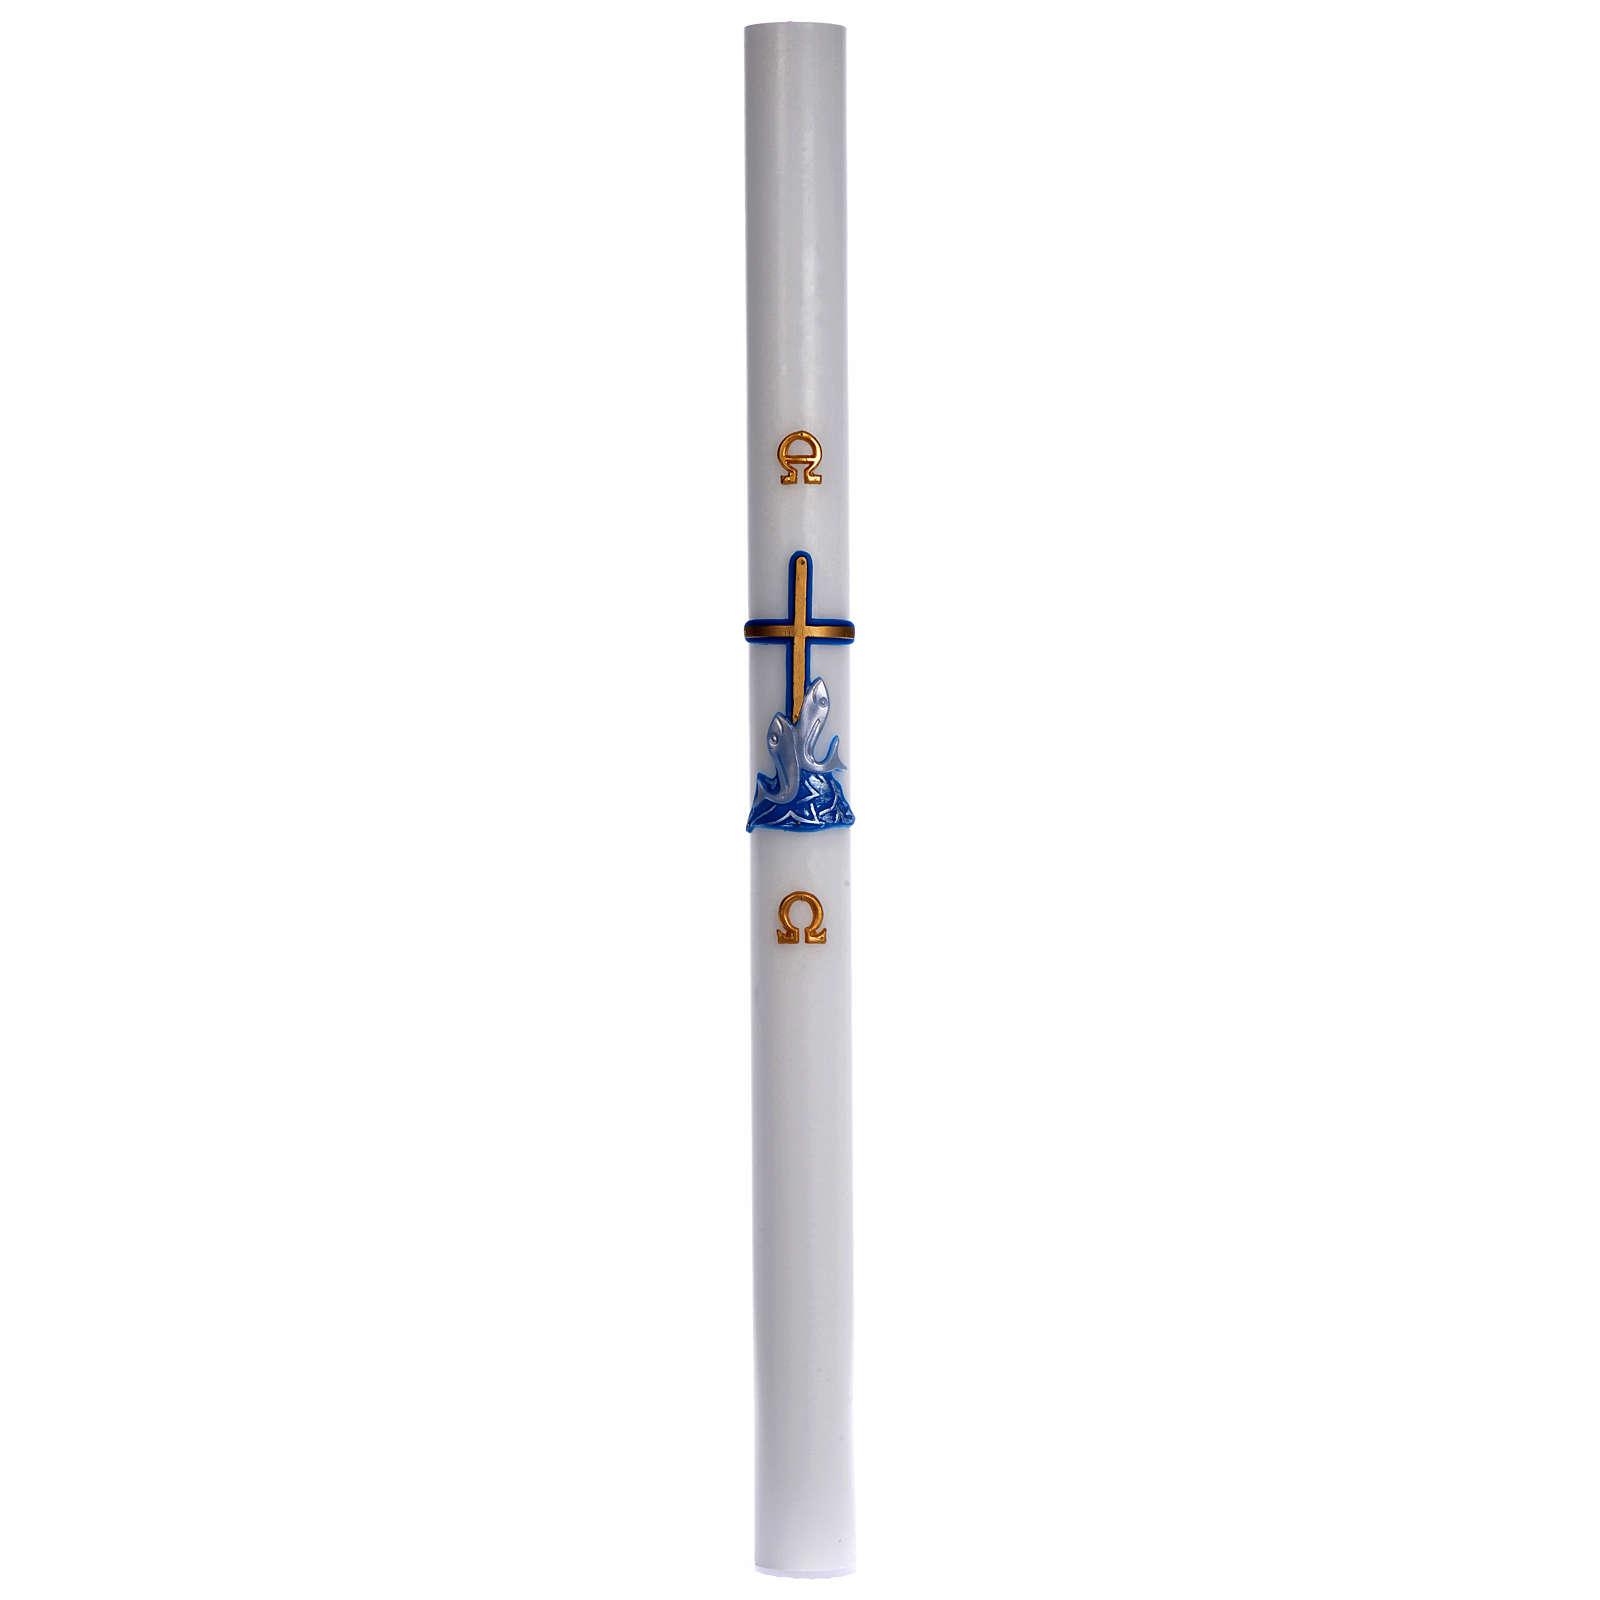 Cierge pascal cire blanche croix poissons bleu 8x120 cm 3